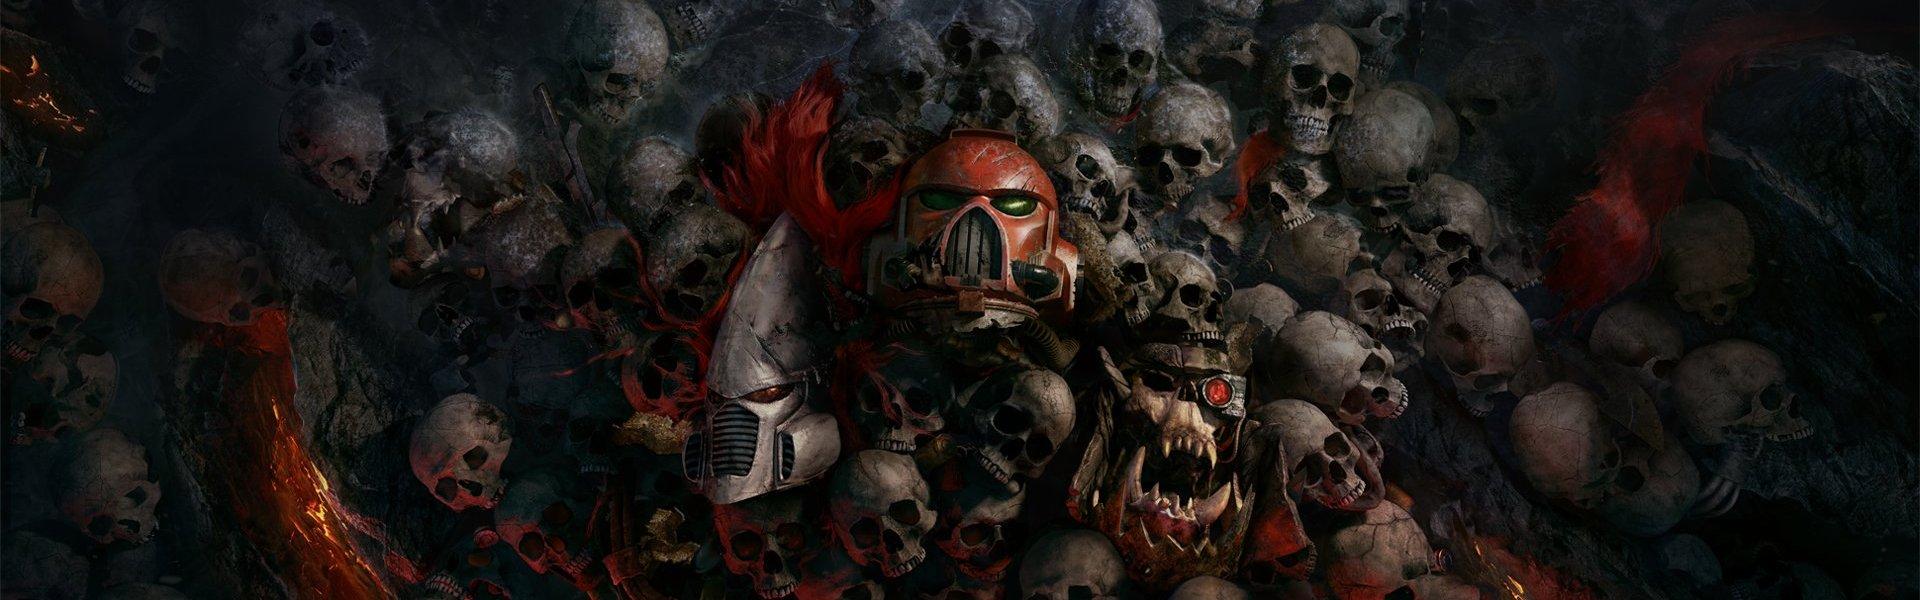 Warhammer 40,000: Dawn of War - Gold Edition Steam Key GLOBAL